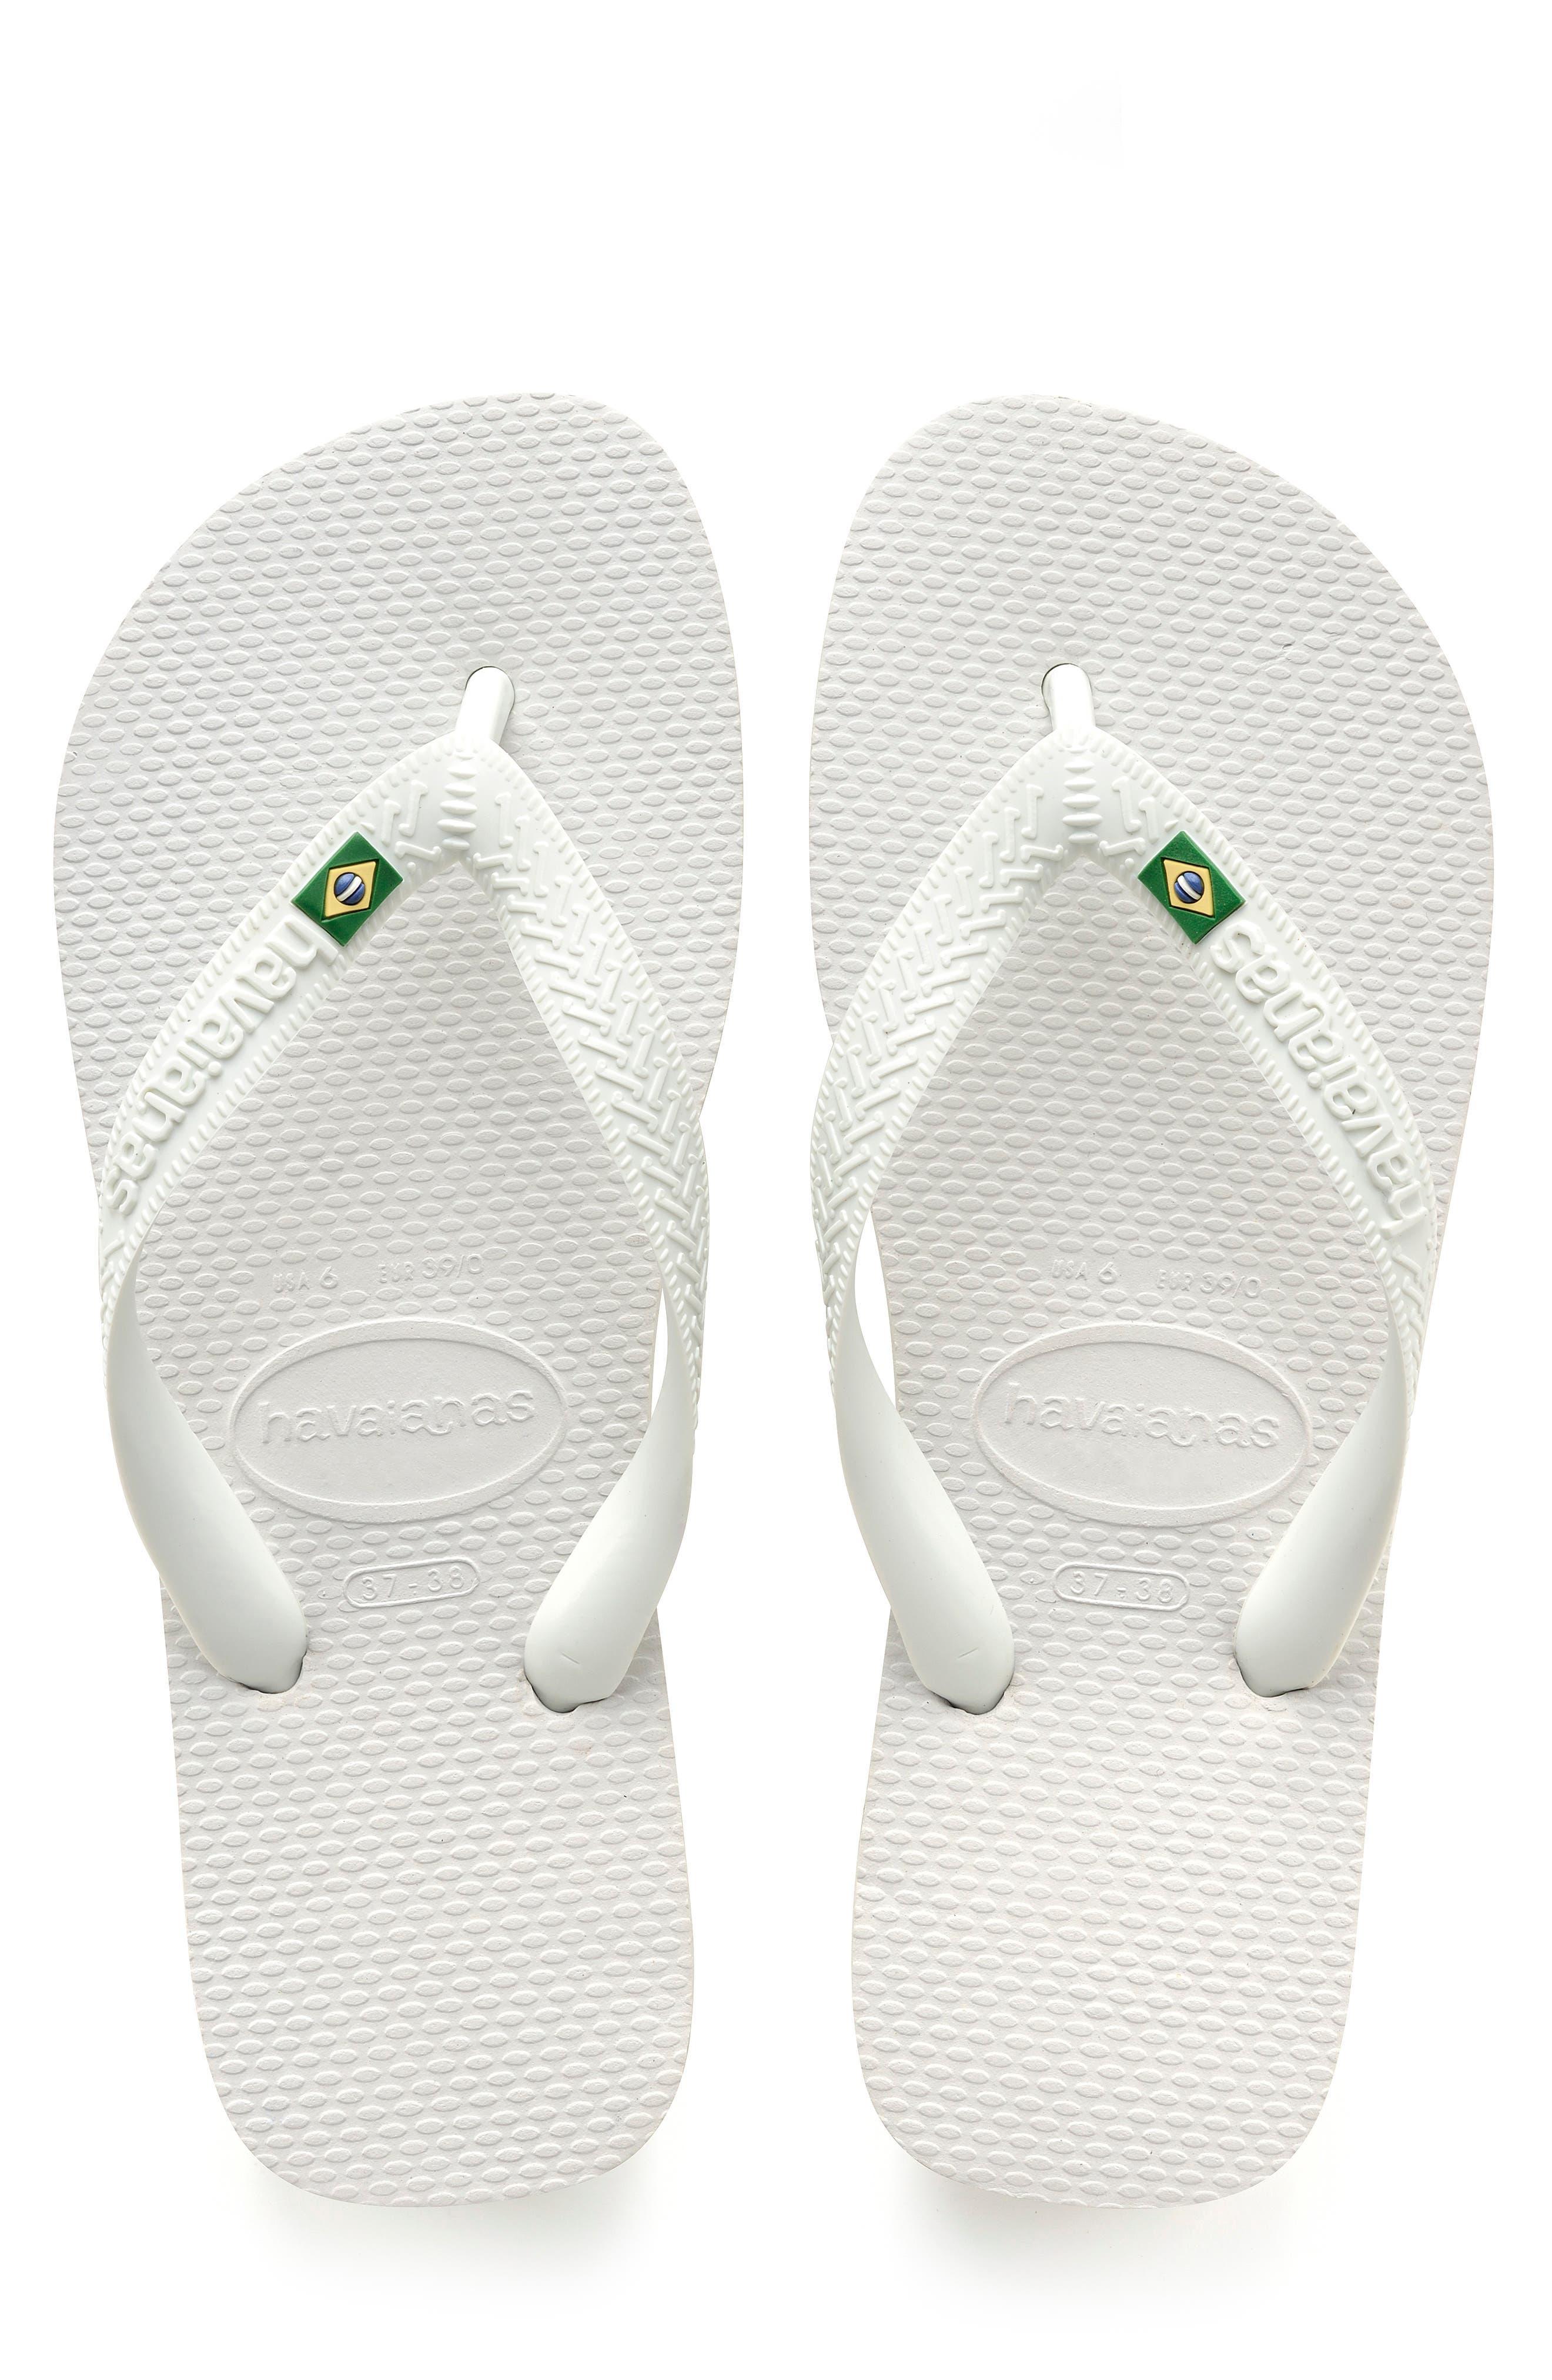 Havaianas Flip Flops Nordstrom Nordstrom